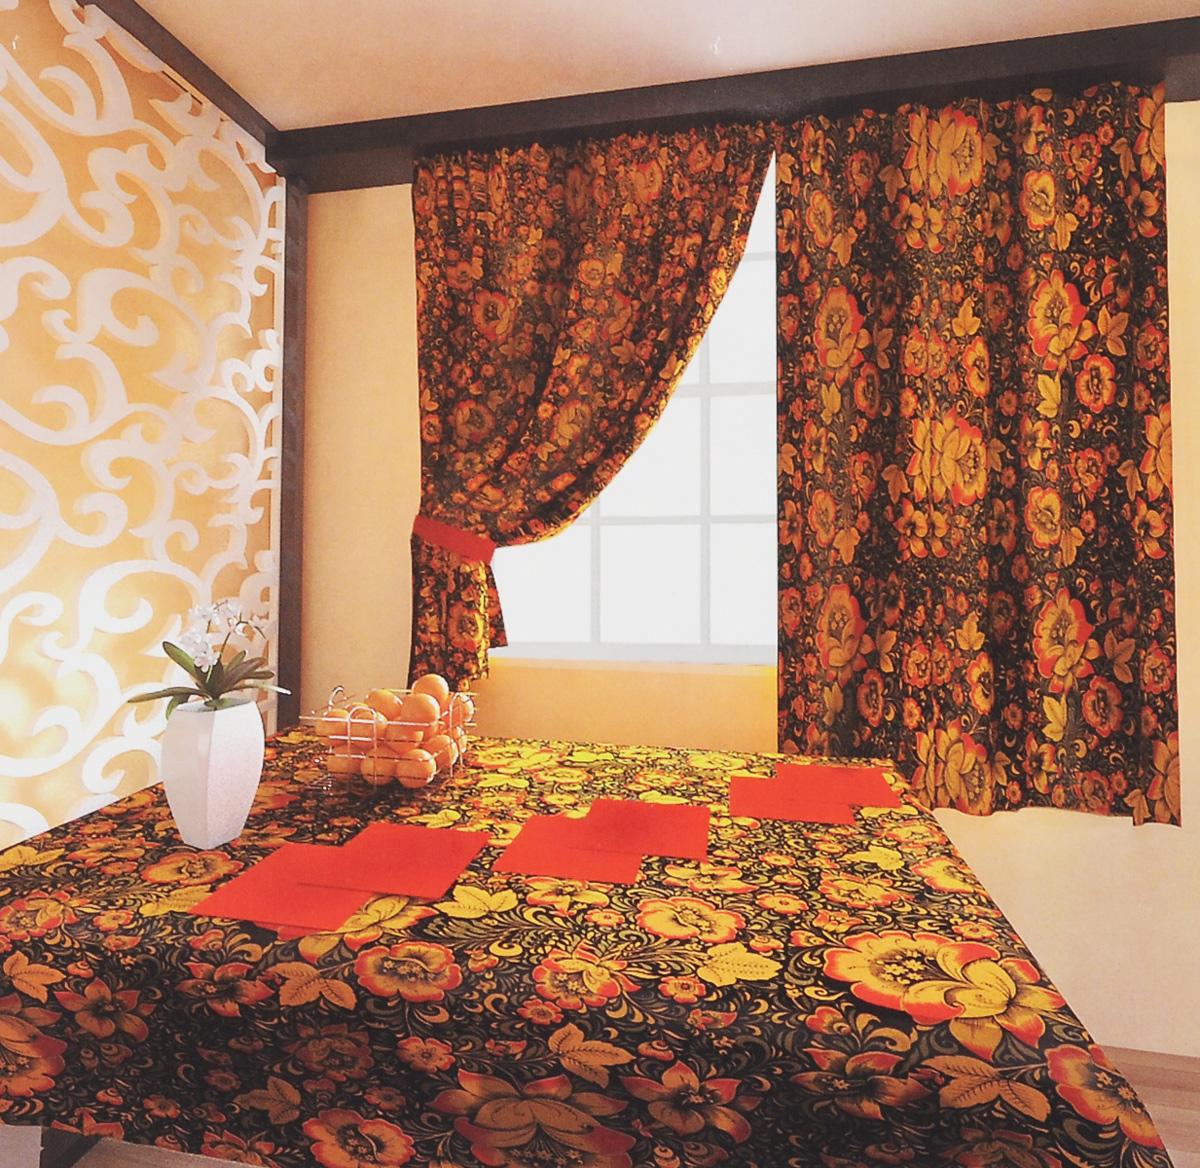 Комплект штор Zlata Korunka Хохлома, на ленте, цвет: черный, красный, желтый, высота 150 см202561/122белыйРоскошный комплект штор Zlata Korunka Хохлома великолепно украсит любое окно. Комплект состоит из двух портьер, двух подхватов, скатерти и 6 салфеток. Изделия выполнены из 100% хлопка и декорированы изображением крупных цветов. Оригинальный цветочный принт привлечет к себе внимание и позволит шторам органично вписаться в интерьер помещения. Комплект крепится на карниз при помощи шторной ленты, которая поможет красиво и равномерно задрапировать верх. Портьеры можно красиво зафиксировать с помощью двух подхватов. Этот комплект будет долгое время радовать вас и вашу семью.Рекомендуется ручная стирка.В комплект входит: Портьера: 2 шт. Размер (ШхВ): 150 х 150 см. Скатерть: 1 шт. Размер (ШхВ): 140 х 180 см.Салфетки: 6 шт. 40 х 40 см.Подхват (с учетом петель): 2 шт. Размер: 65 х 9 см.